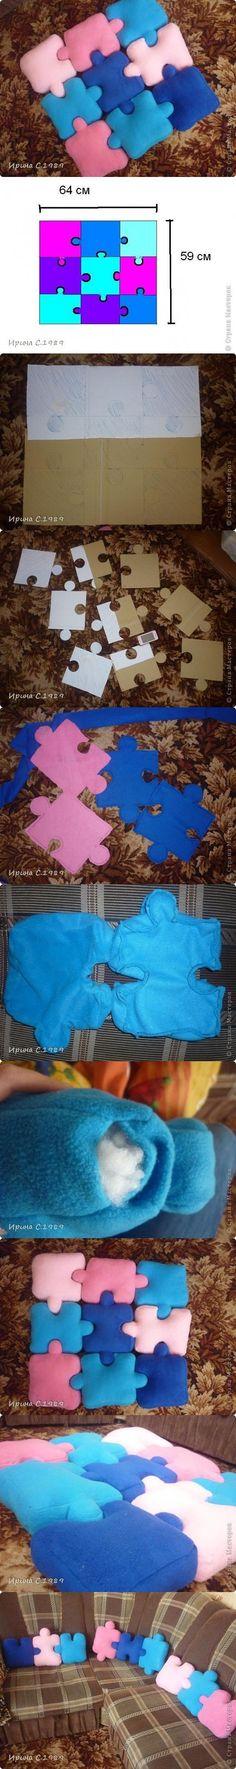 DIY Tutorial: DIY Pillow Shams / DIY Puzzle Pillows - Bead&Cord